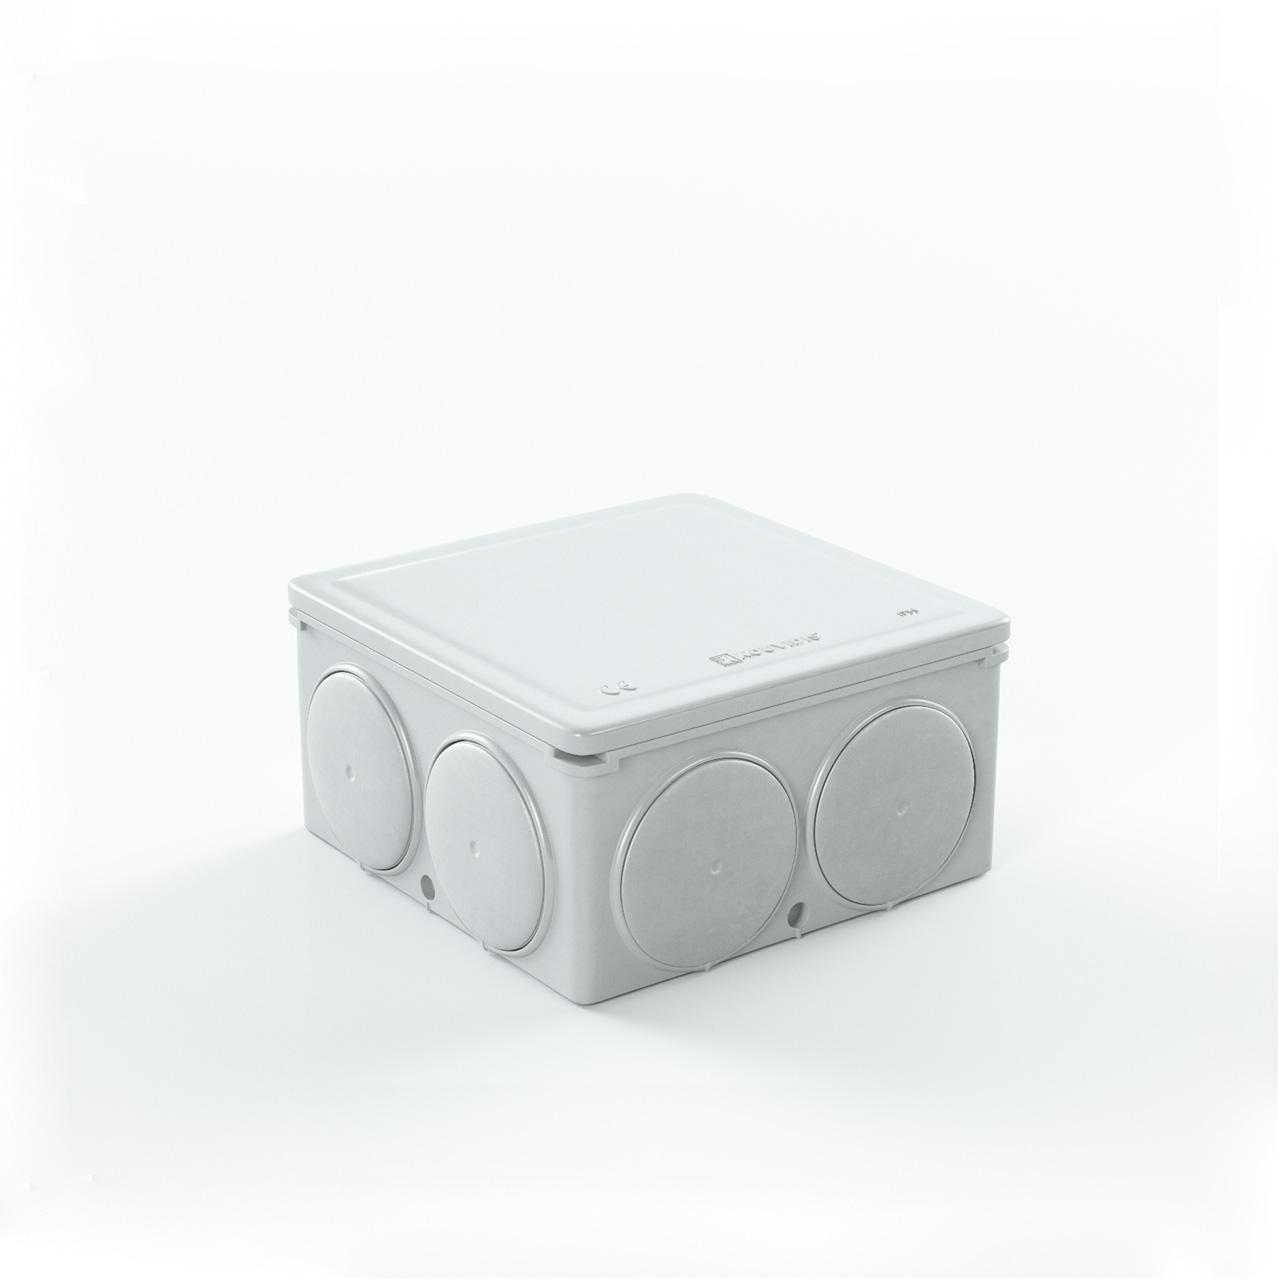 Στεγανό Τετράγωνο Κουτί Διακ/Σεως Condur Iar Με Ίσιες Τάπες Φ20/16